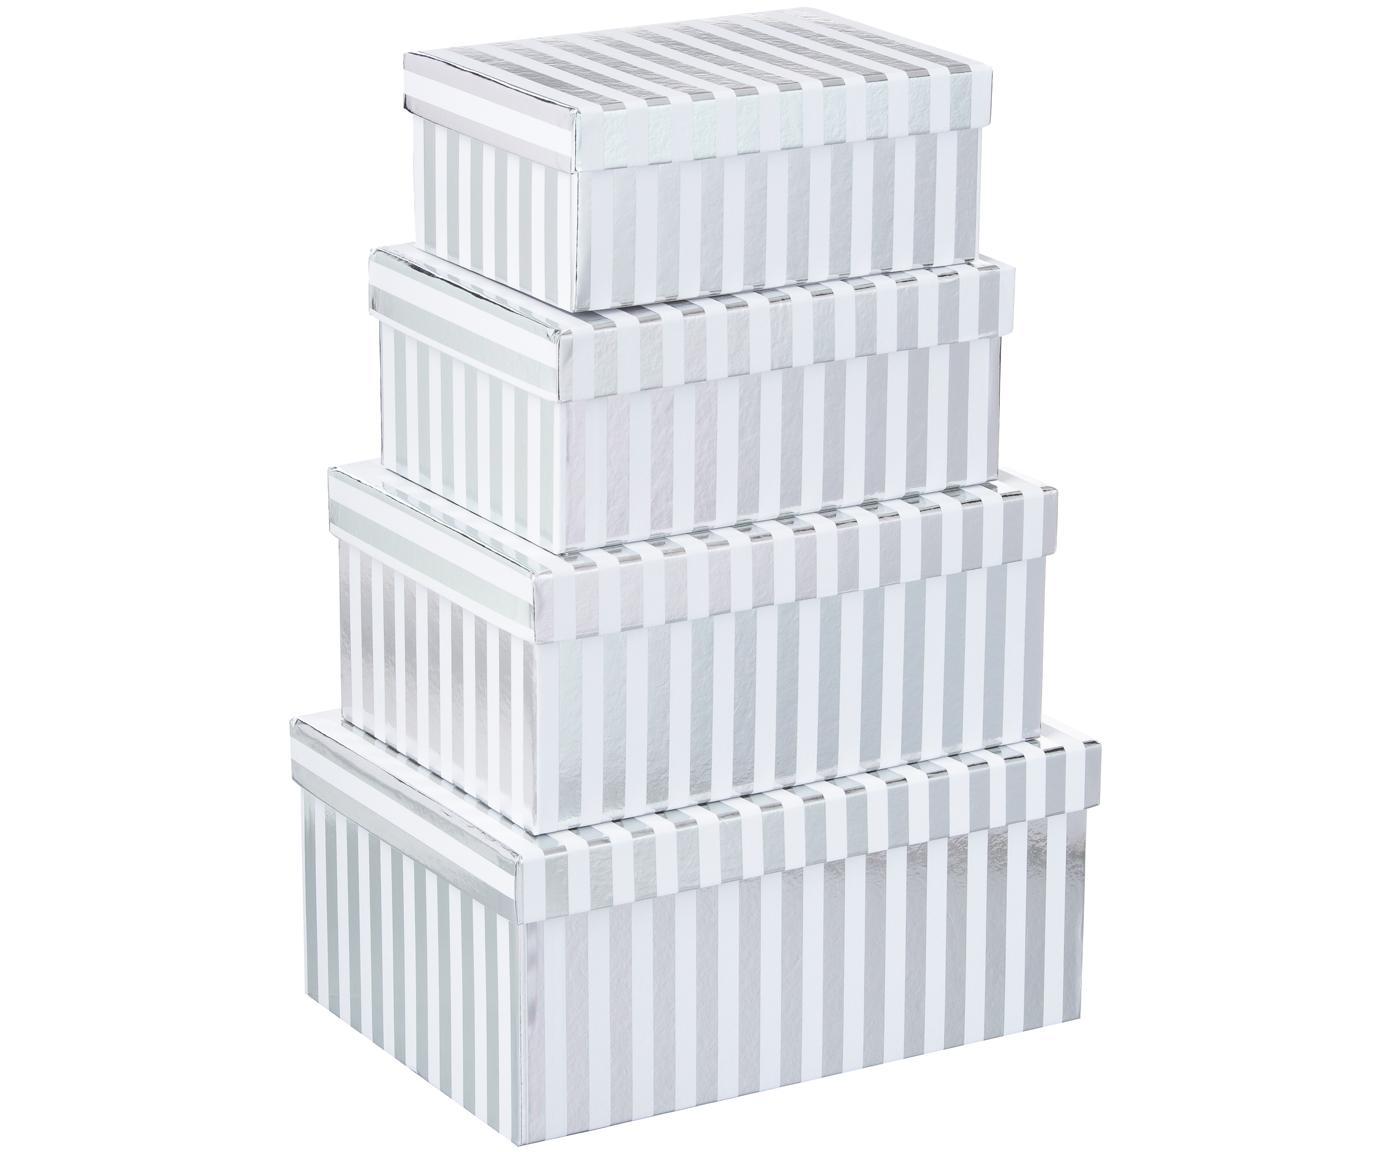 Set confezioni regalo Stripes, 4 pz., Cartone, Bianco, argentato, Diverse dimensioni